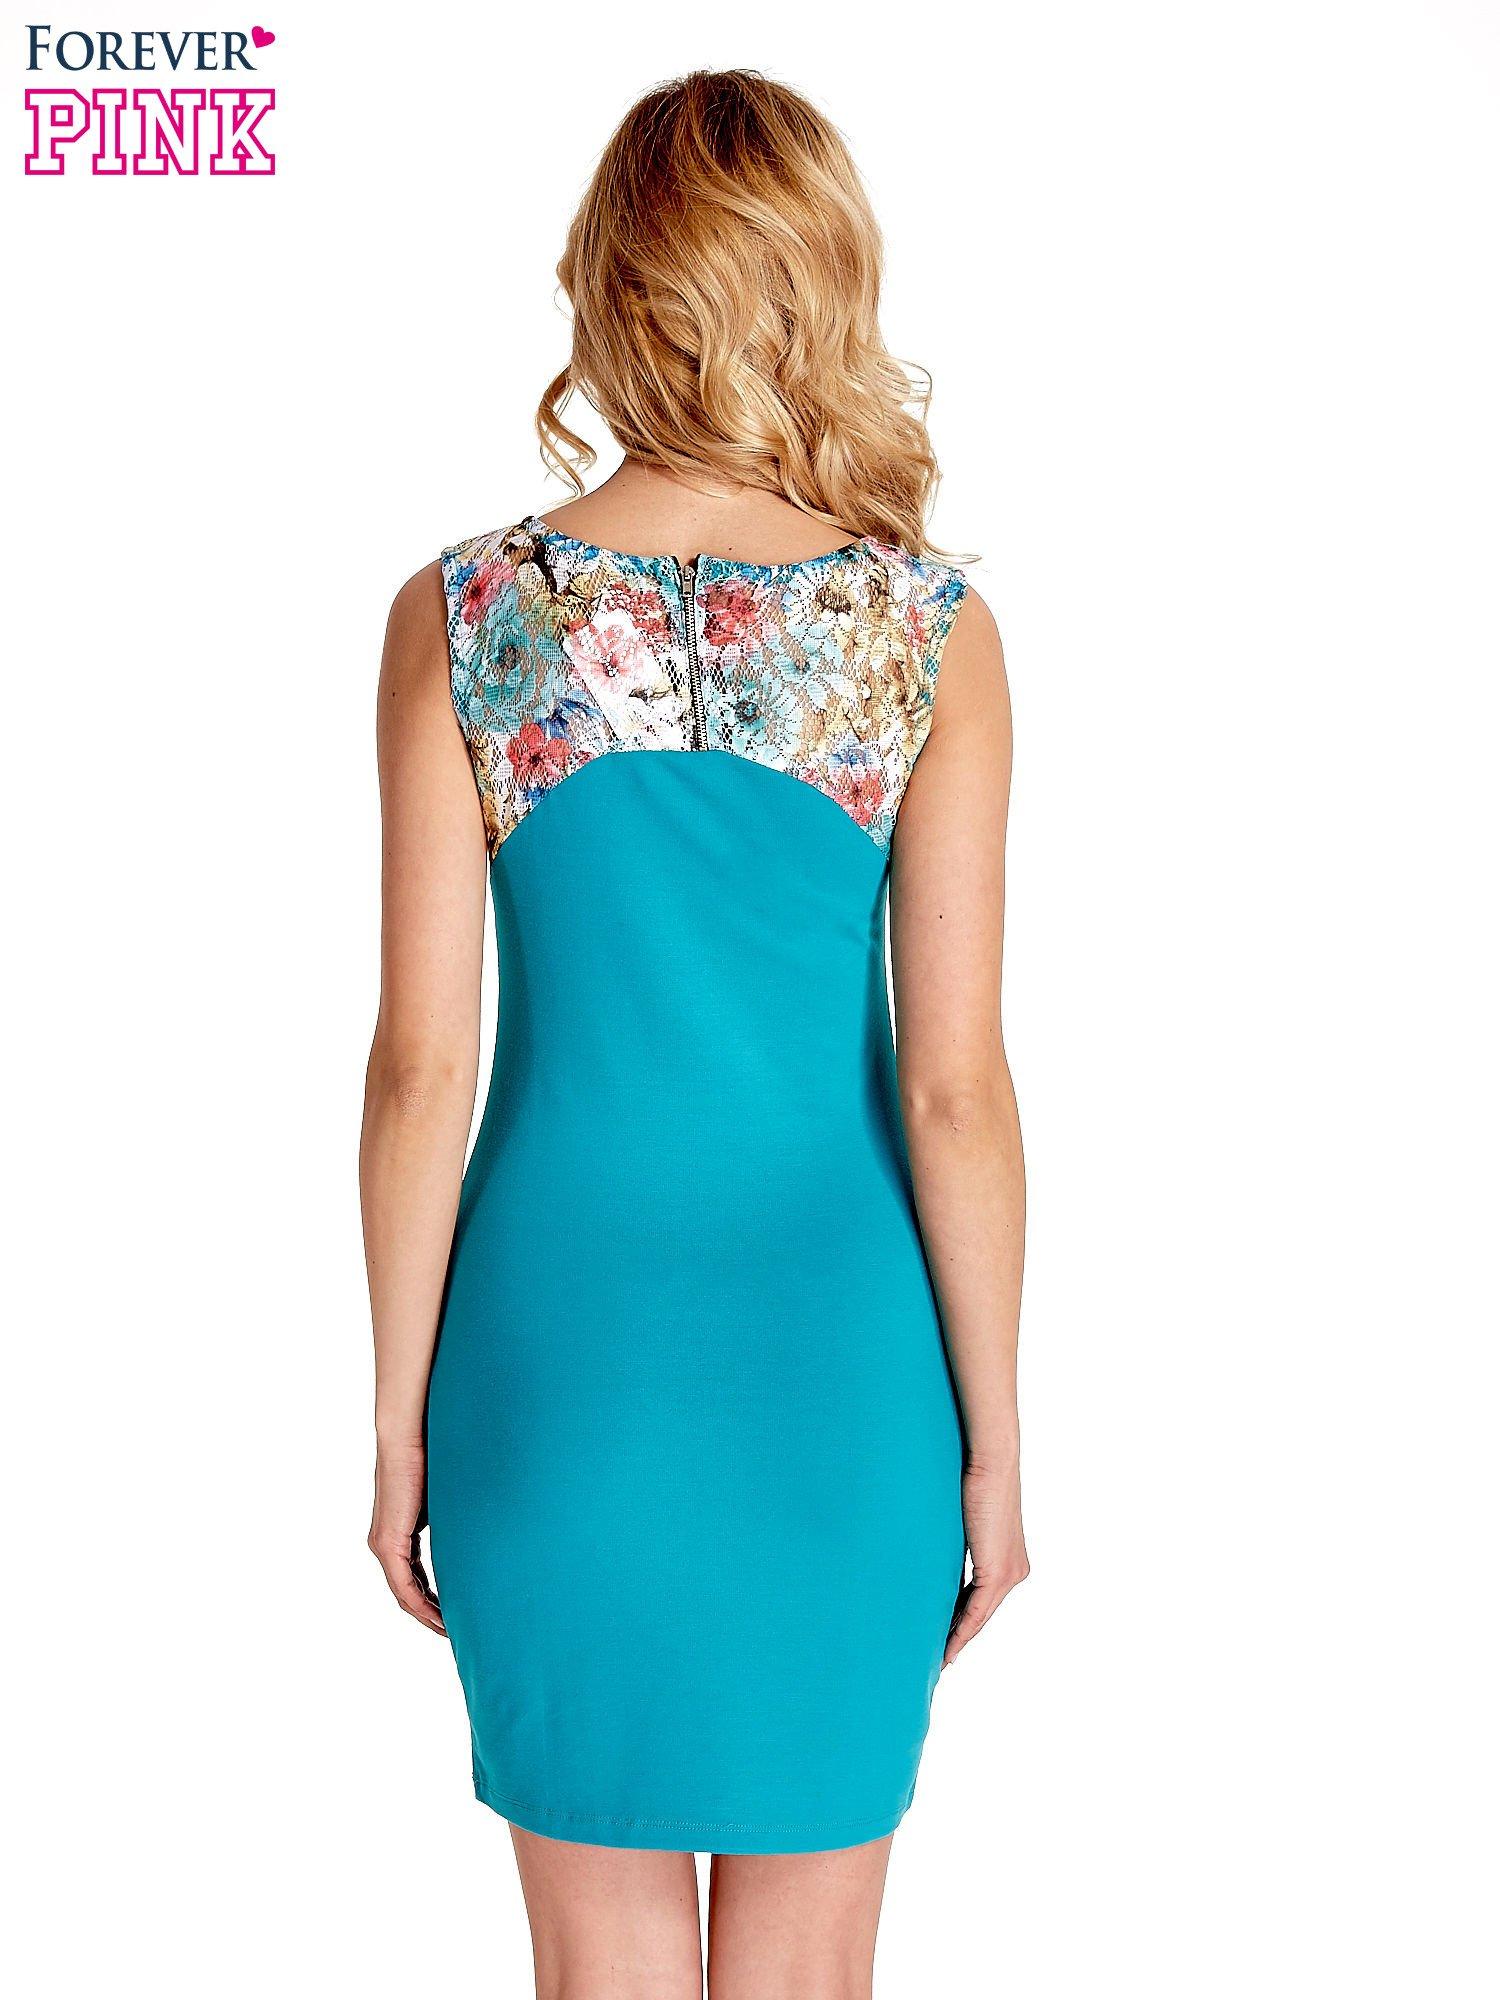 Zielona sukienka z kwiatową koronką                                  zdj.                                  2